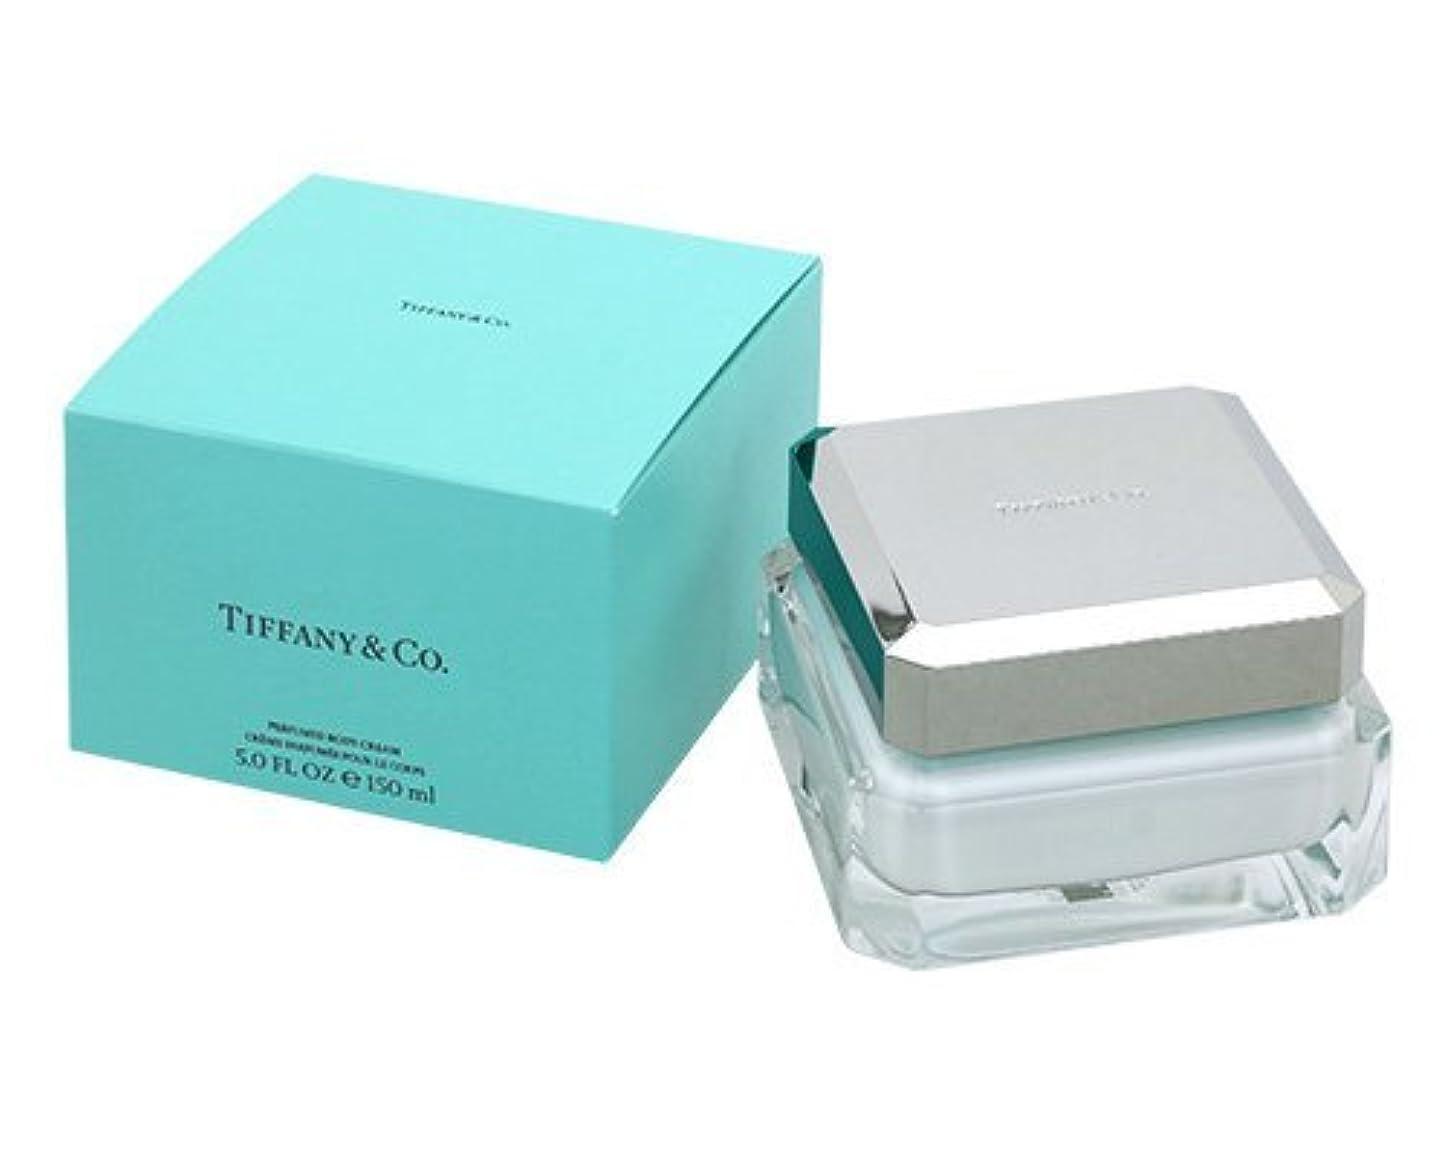 防止水分伝統ティファニー TIFFANY&Co ボディークリーム 150ml (香水/コスメ) [並行輸入品]